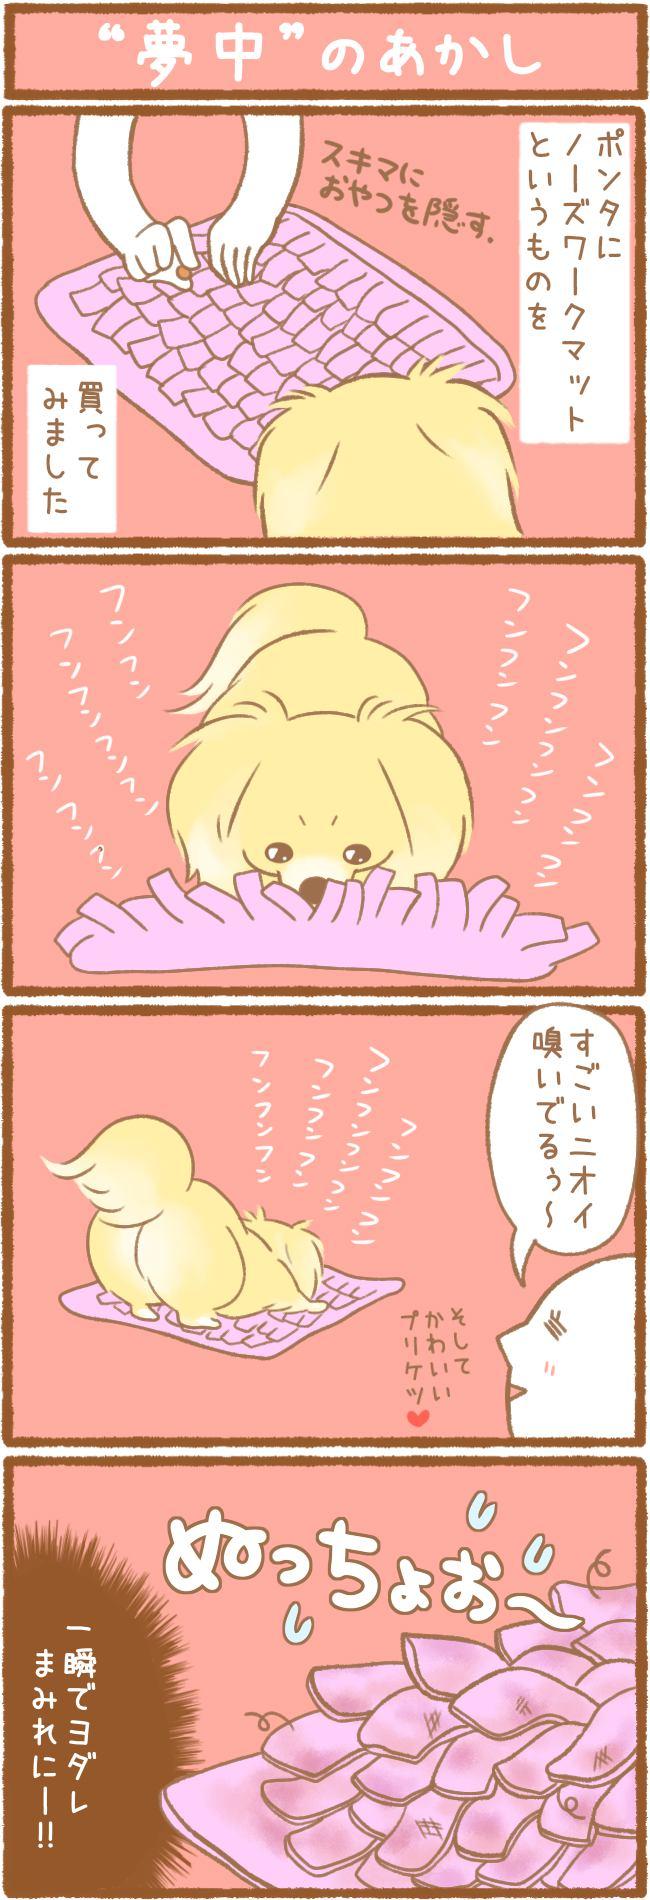 """ただの犬好きです。91話 """"夢中""""のあかし"""